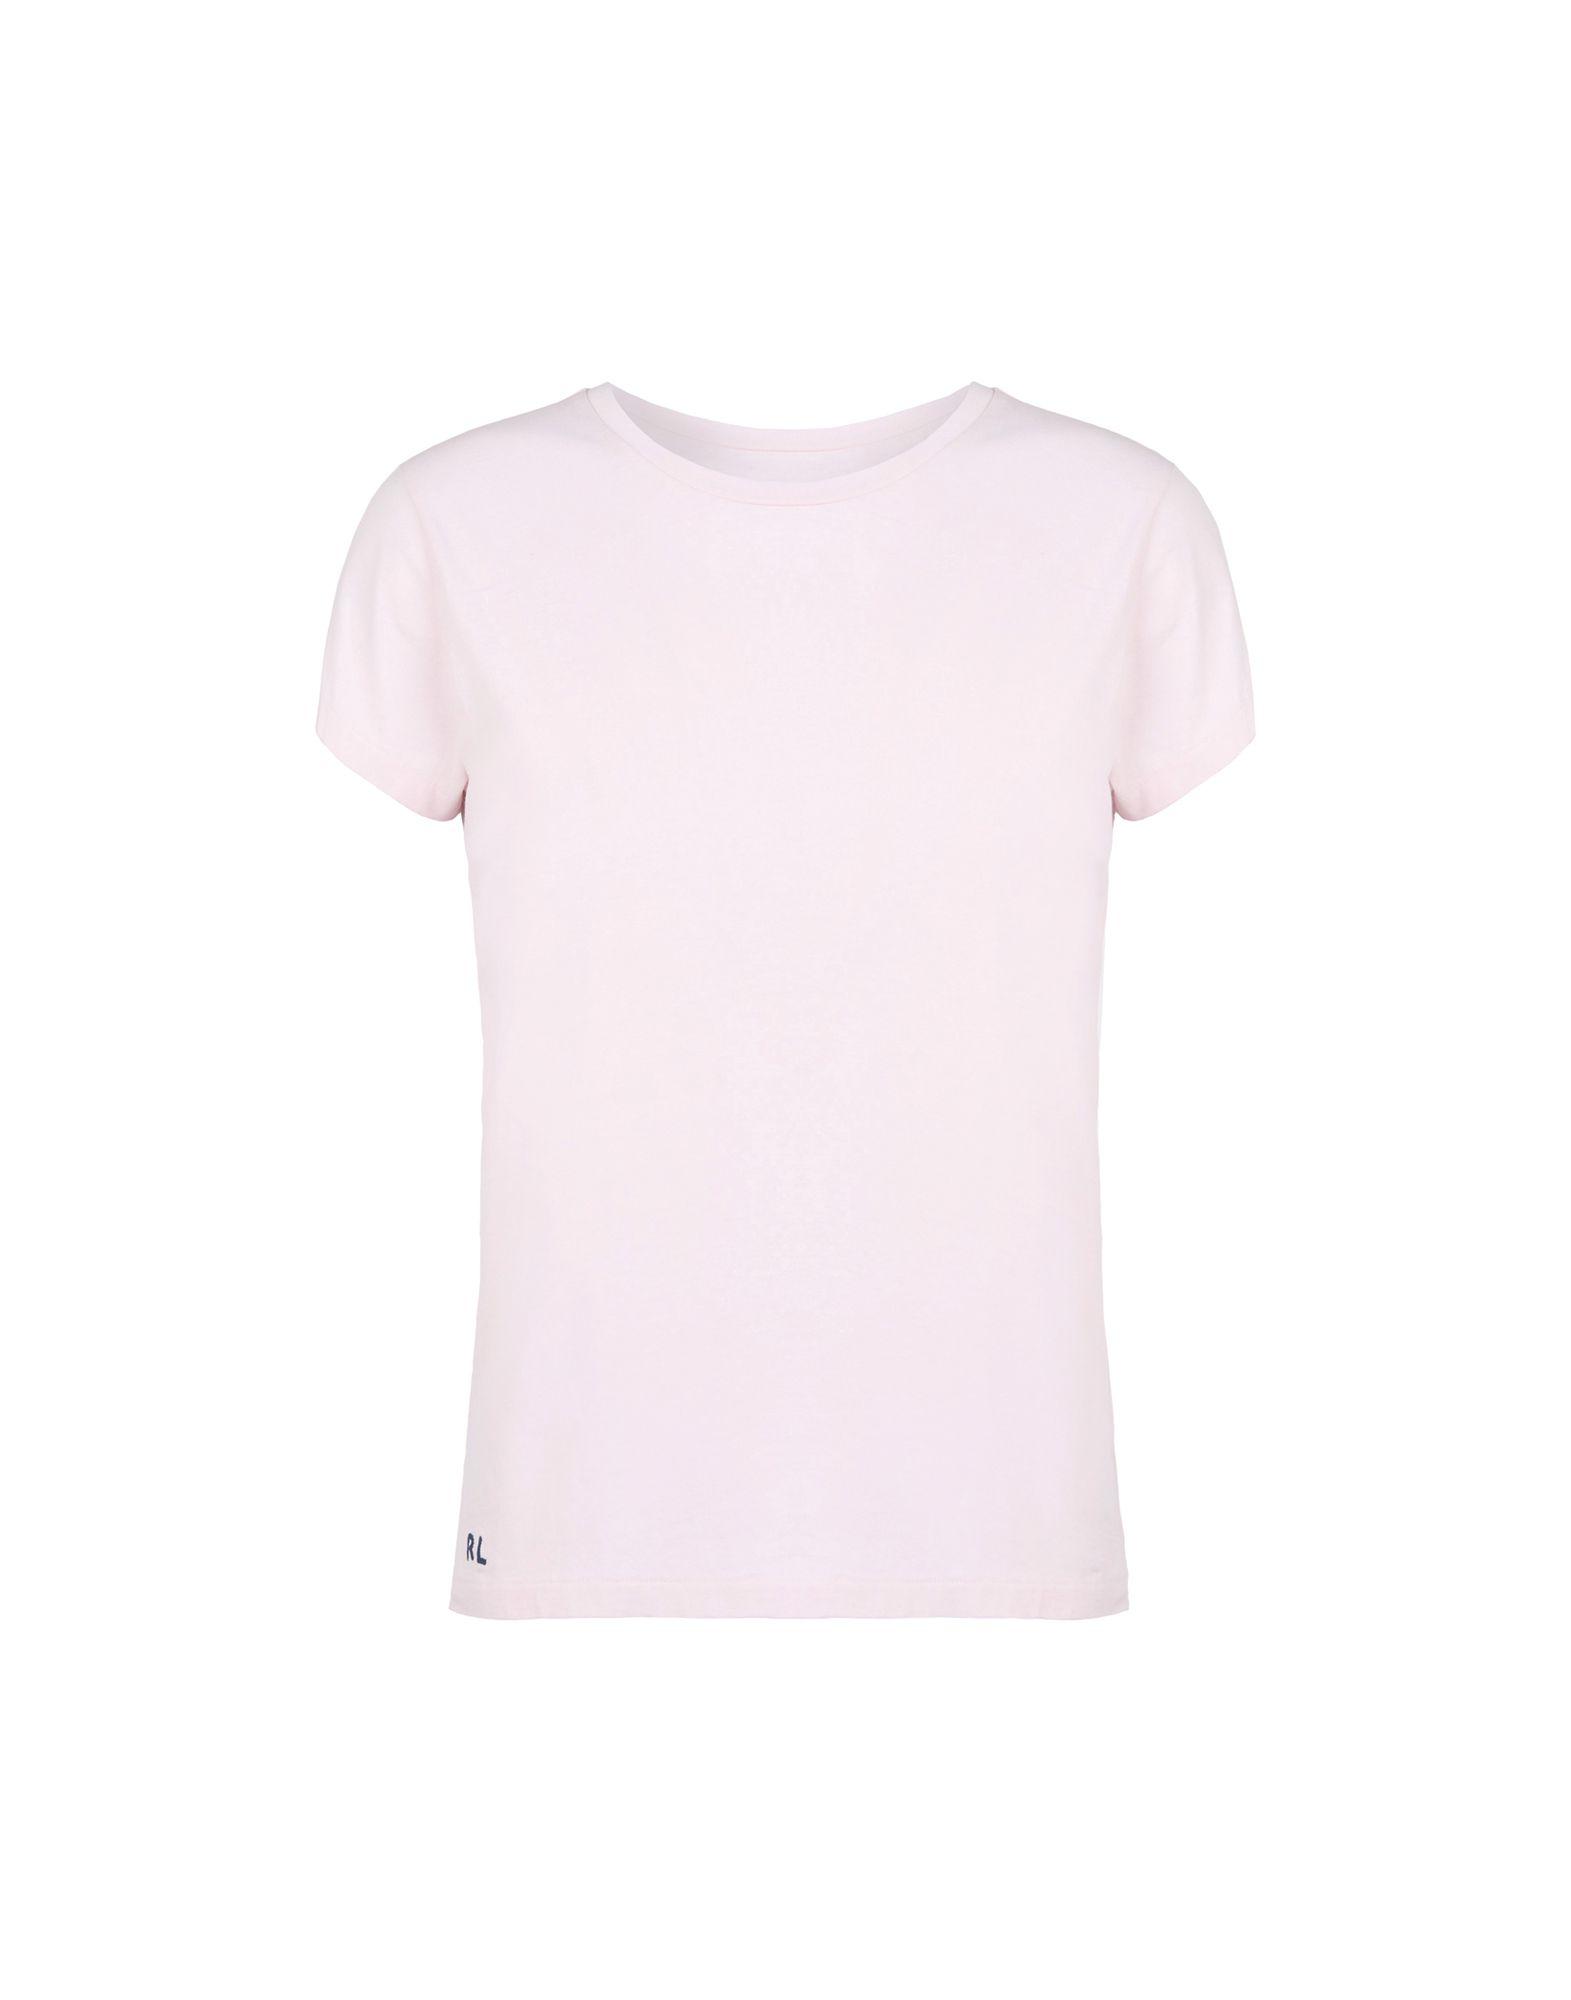 《送料無料》POLO RALPH LAUREN レディース T シャツ ライトピンク L コットン 100% Custom Fit T shirt